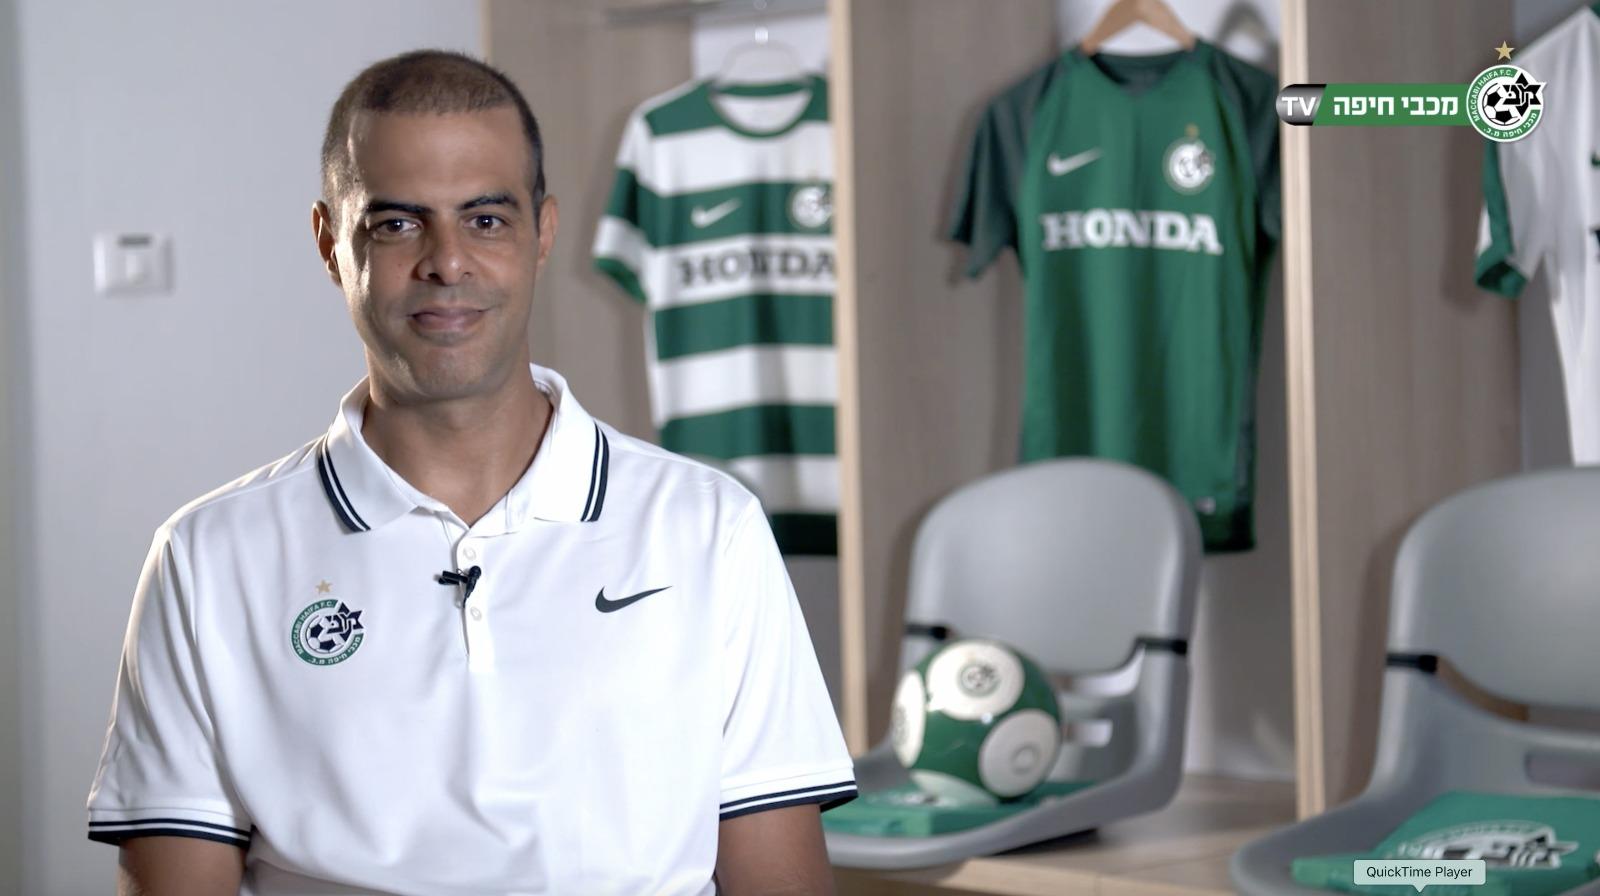 בלעדי למכבי חיפה TV: ראיון אישי עם גיא לוזון